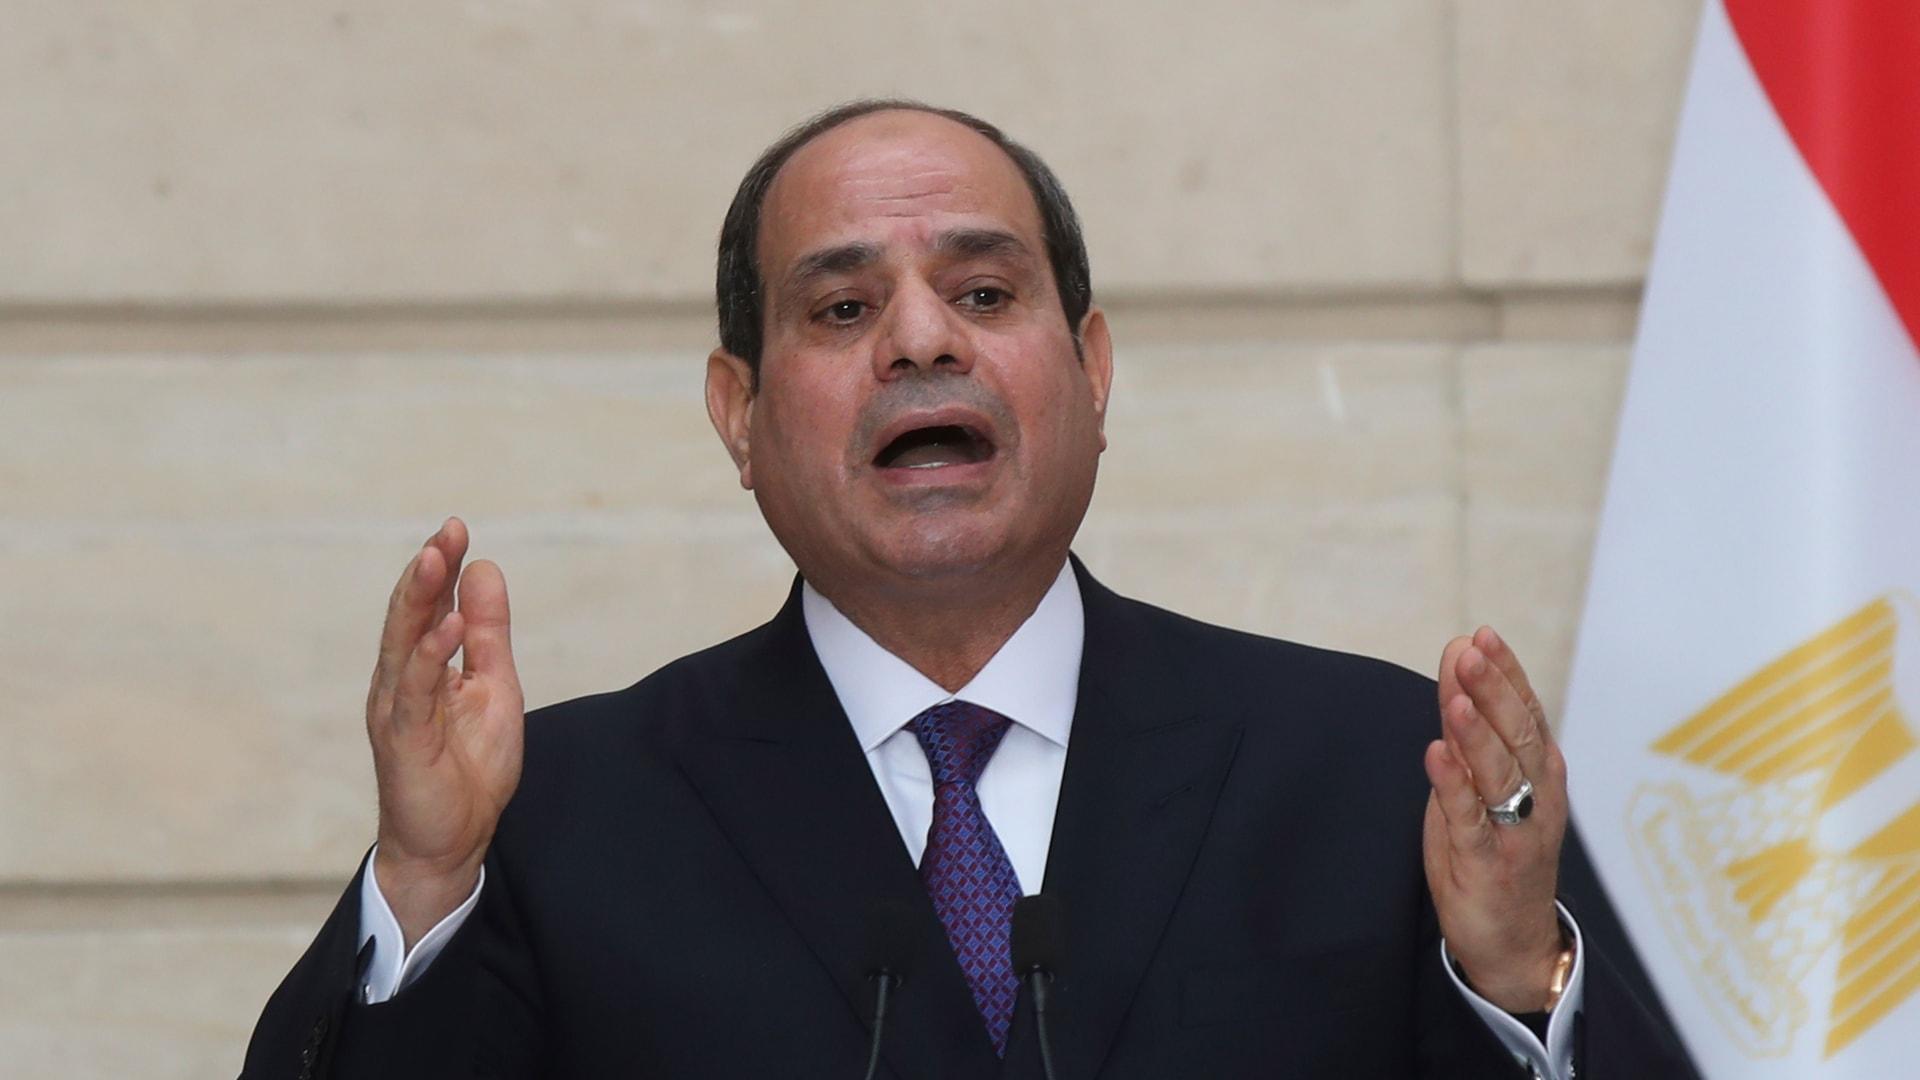 """السيسي: منظومة حقوق الإنسان في مصر شهدت تطورًا كبيرًا.. والاستراتيجية الوطنية """"خير دليل"""""""